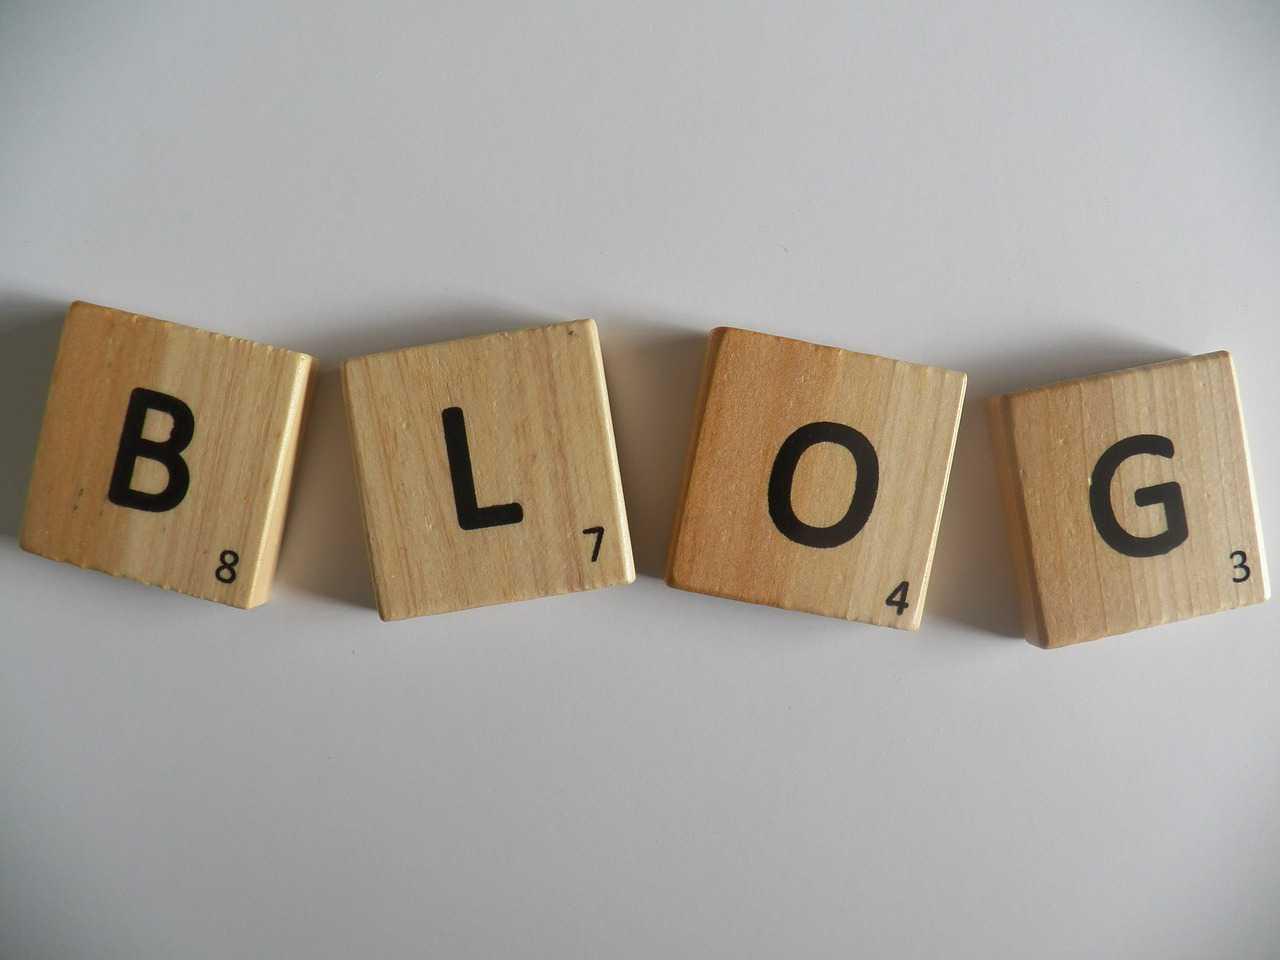 ブログを30記事書いて気づいたこと